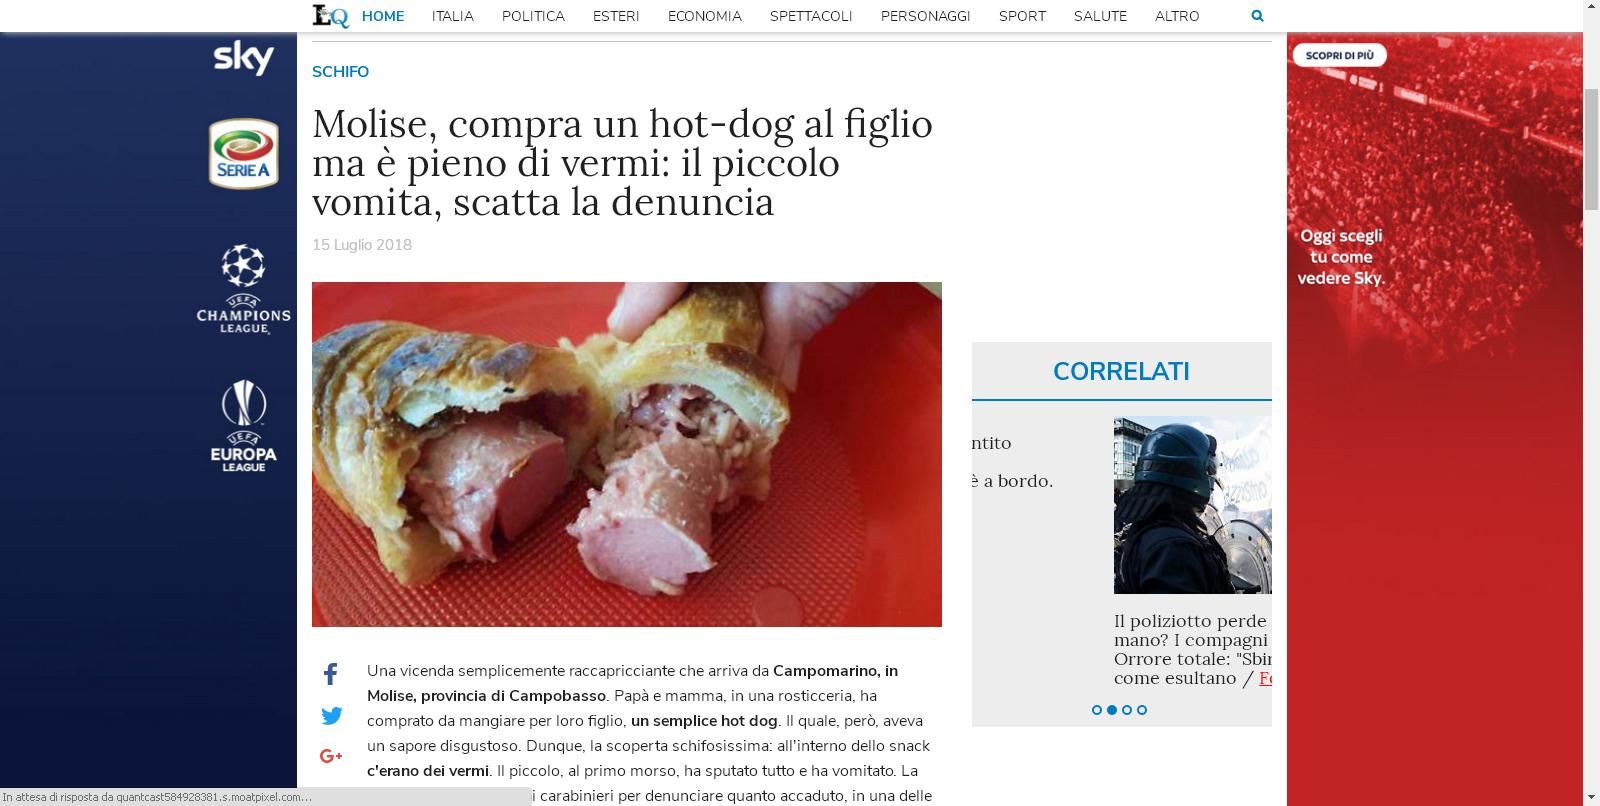 Libero sbaglia Campomarino: l'hot dog con i vermi venduto in Puglia